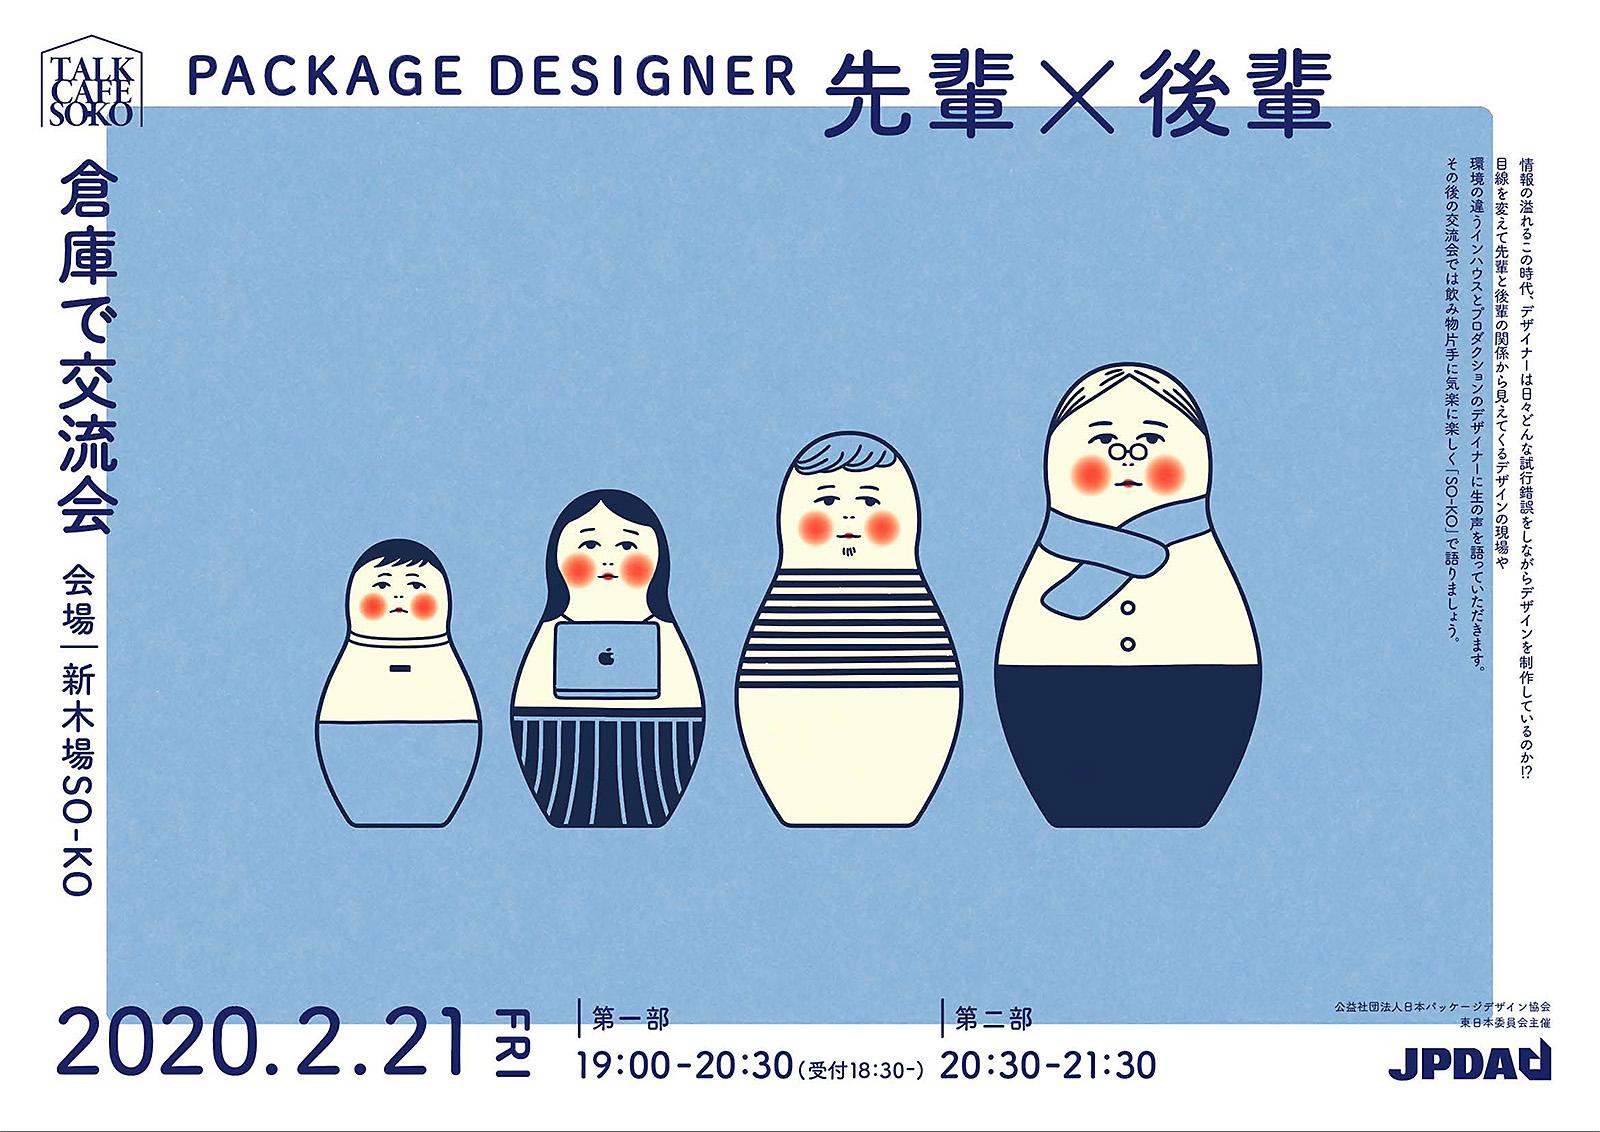 TALK CAFE SO-KO Package designer 先輩×後輩のイメージ